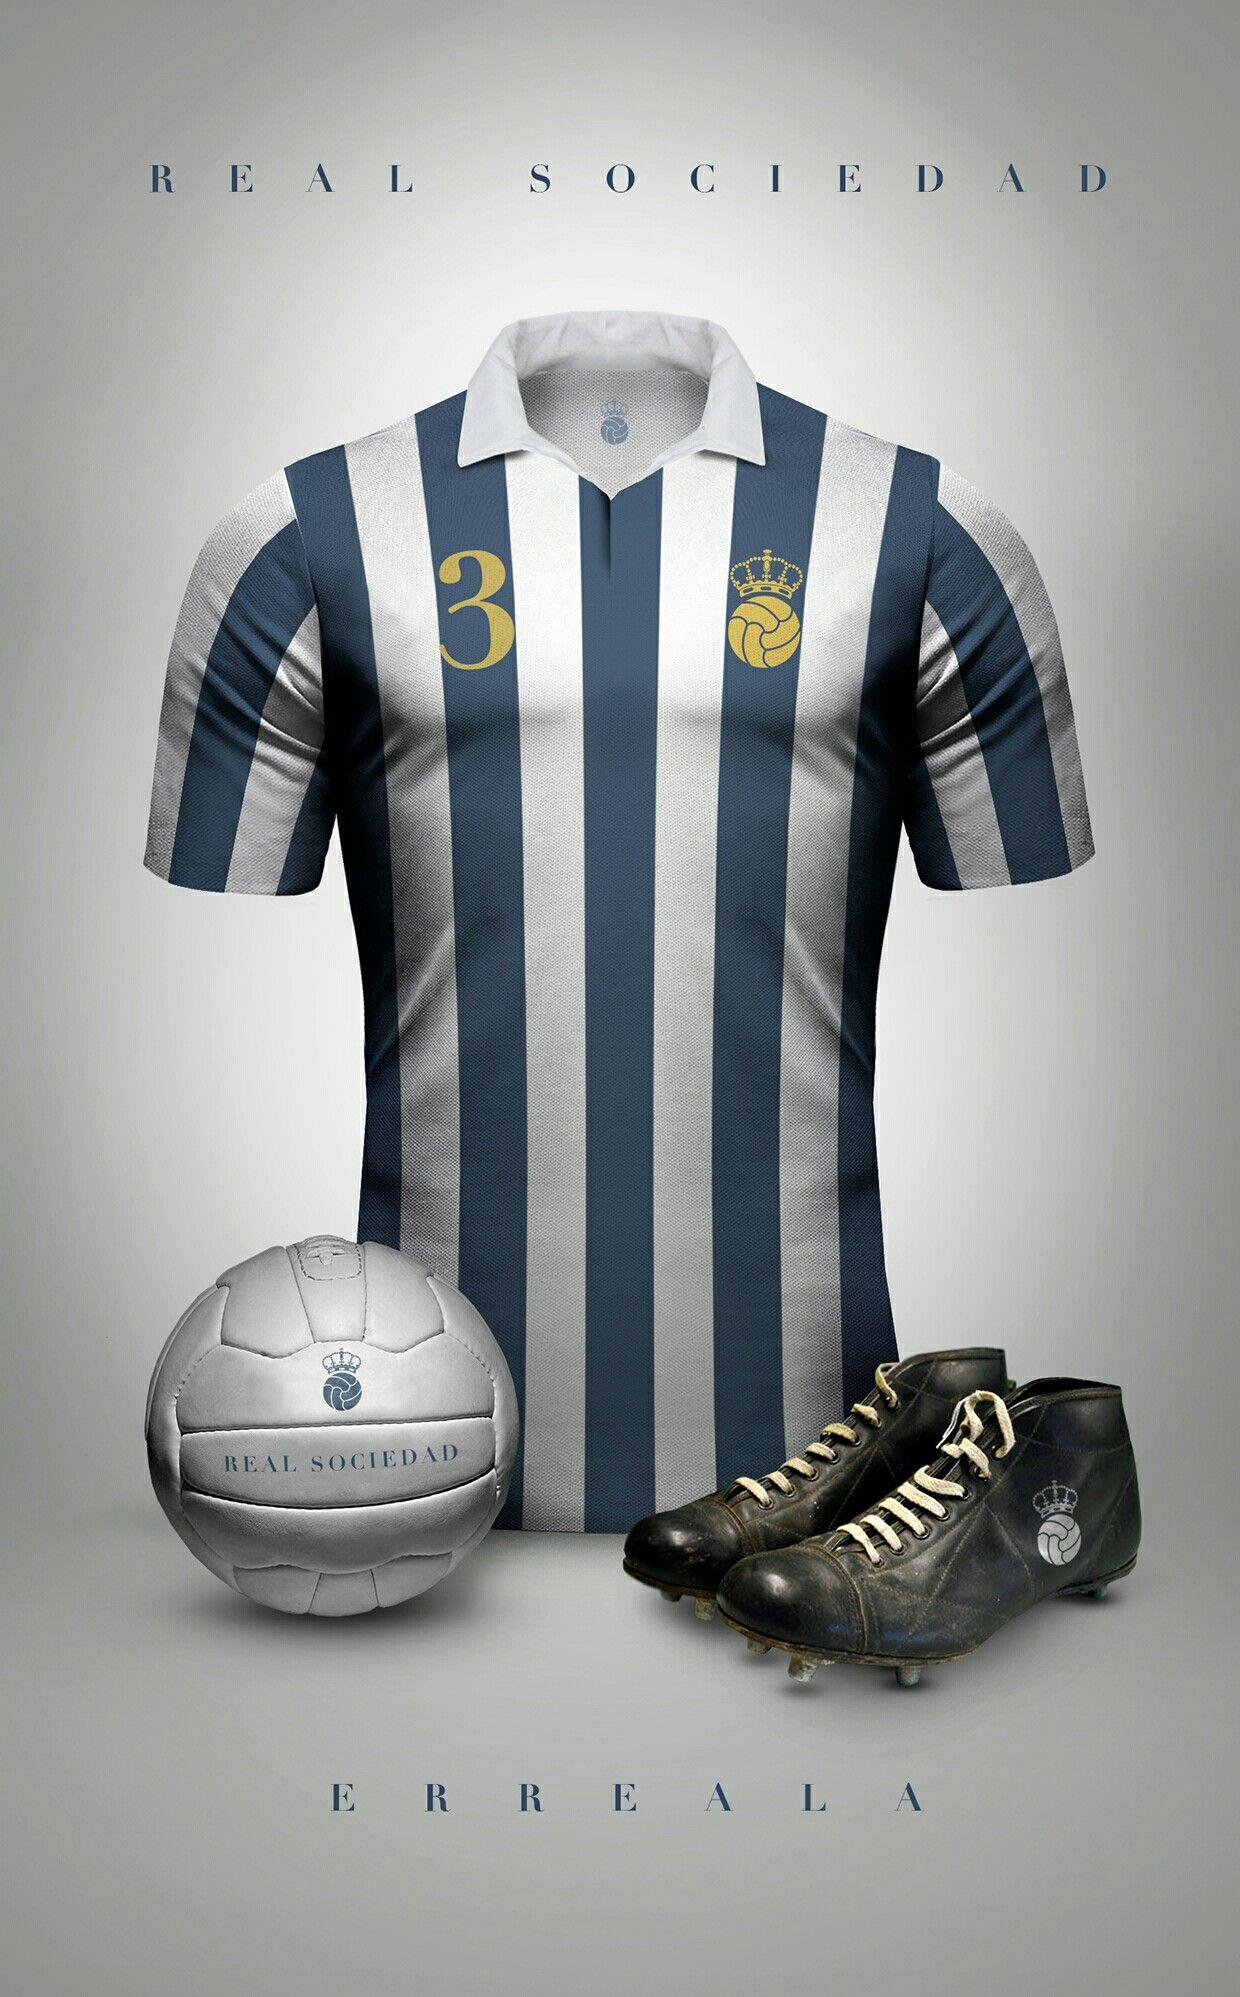 camisetas de futbol Real Sociedad deportivas